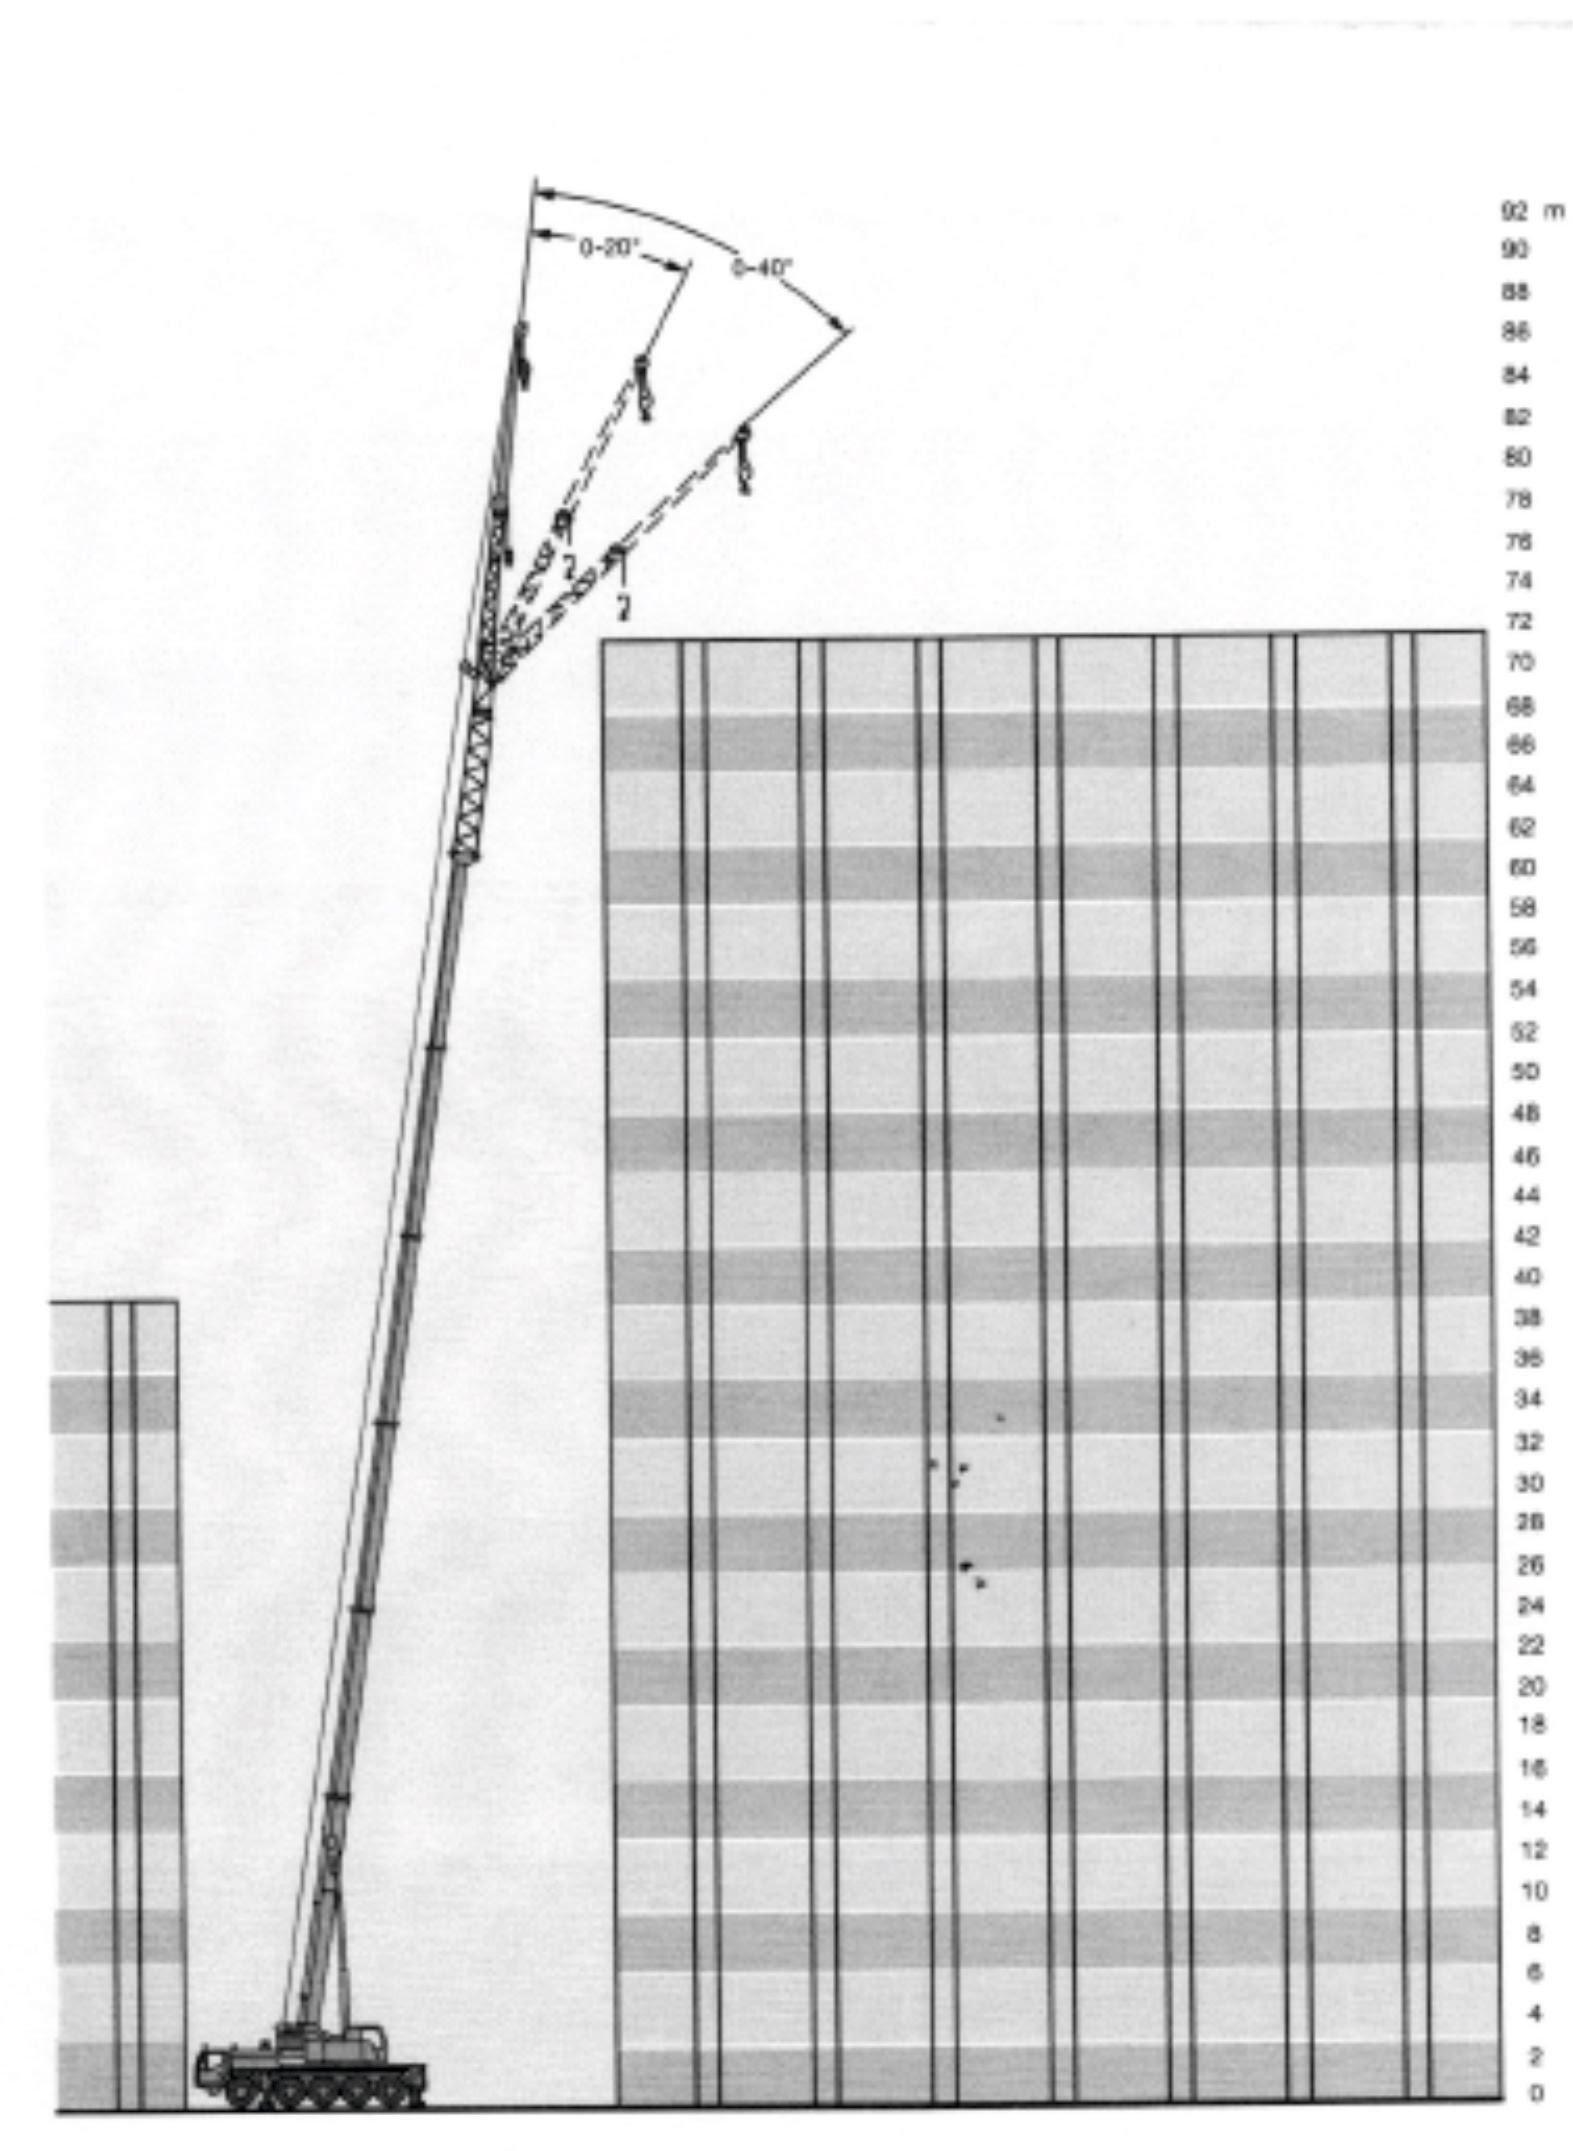 Inchiriere macara 95 de tone - diagrama 95 tone